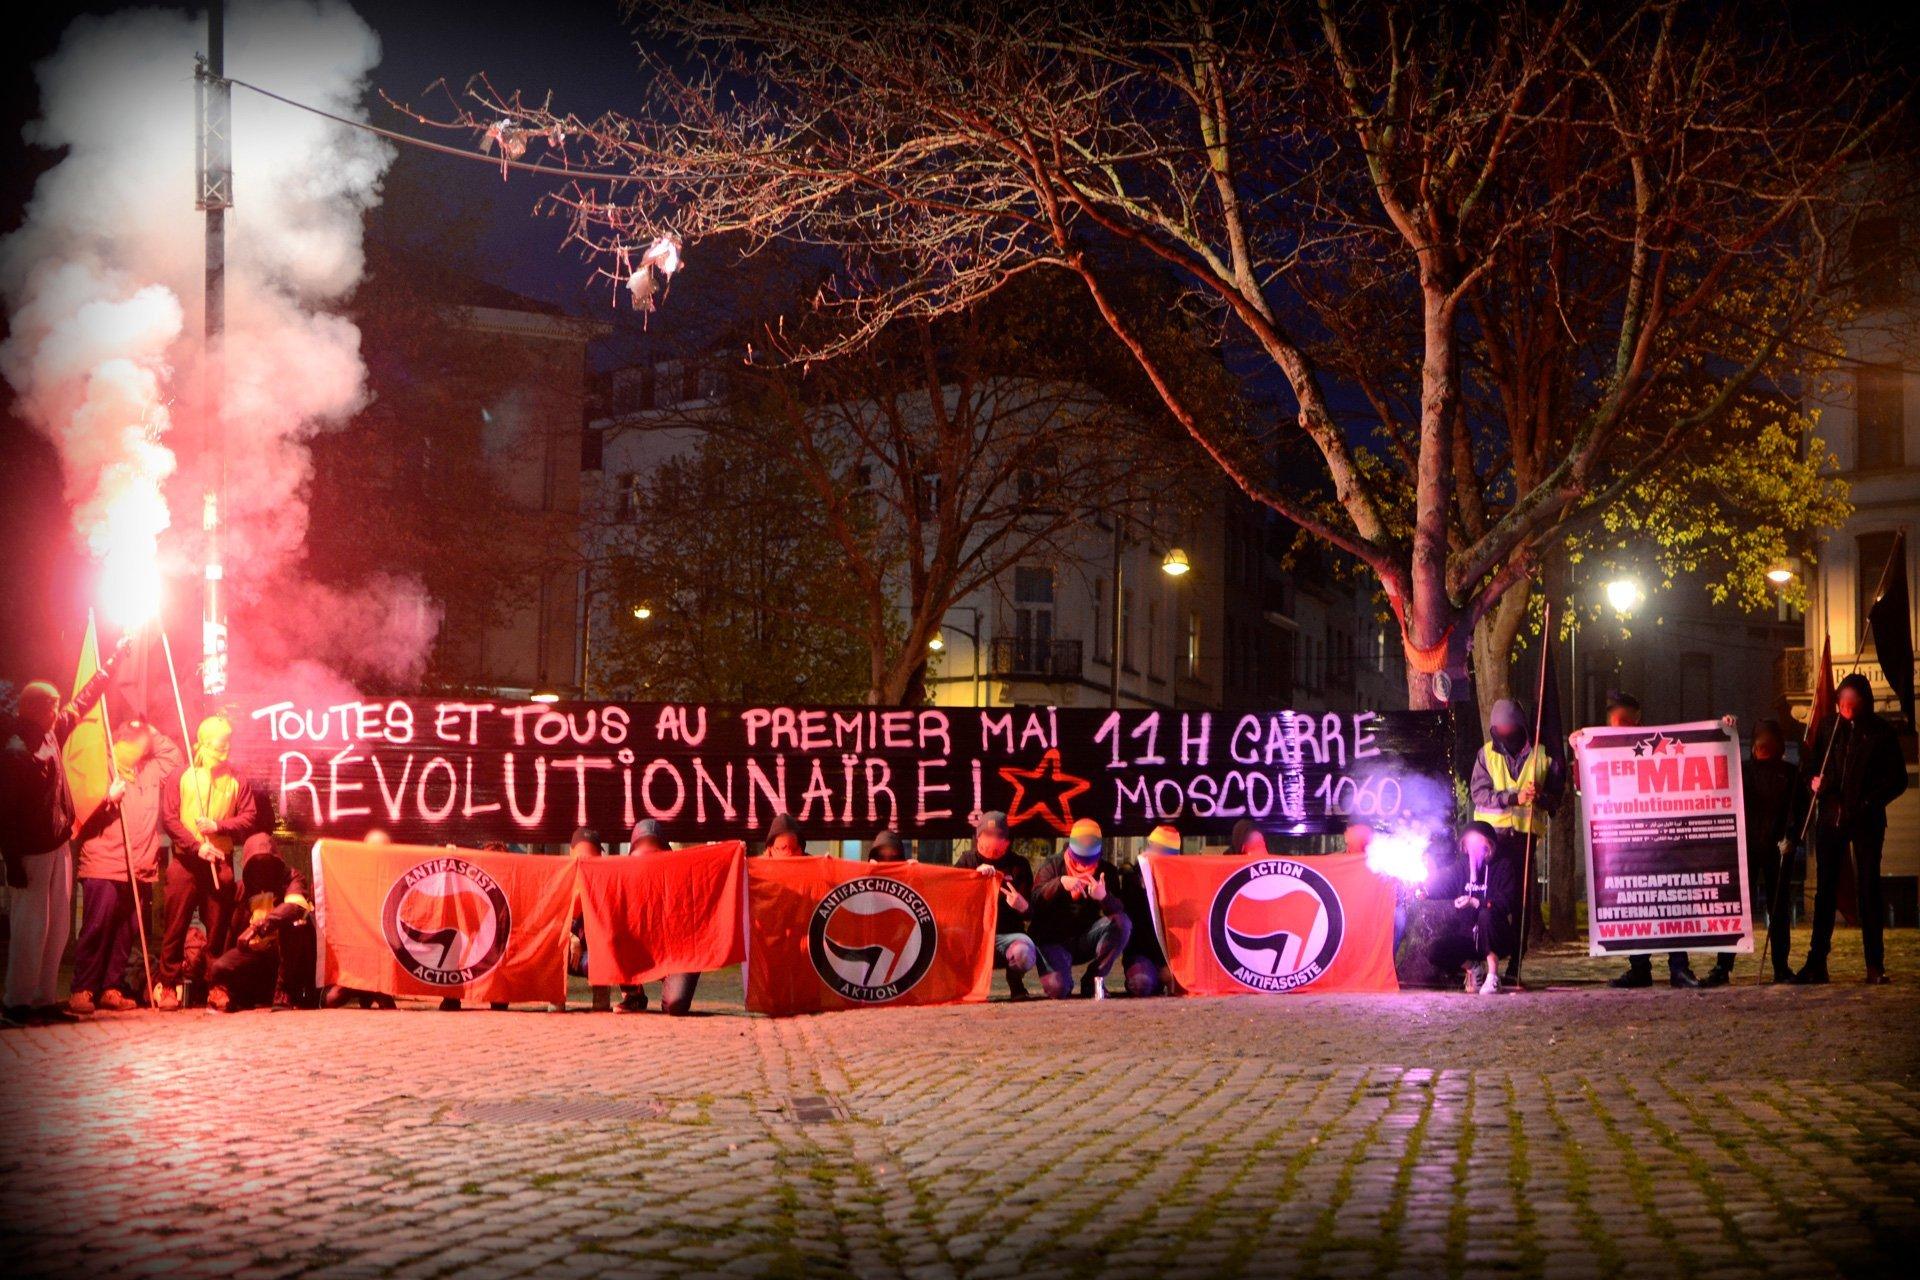 Tous et toutes au Premier mai révolutionnaire!